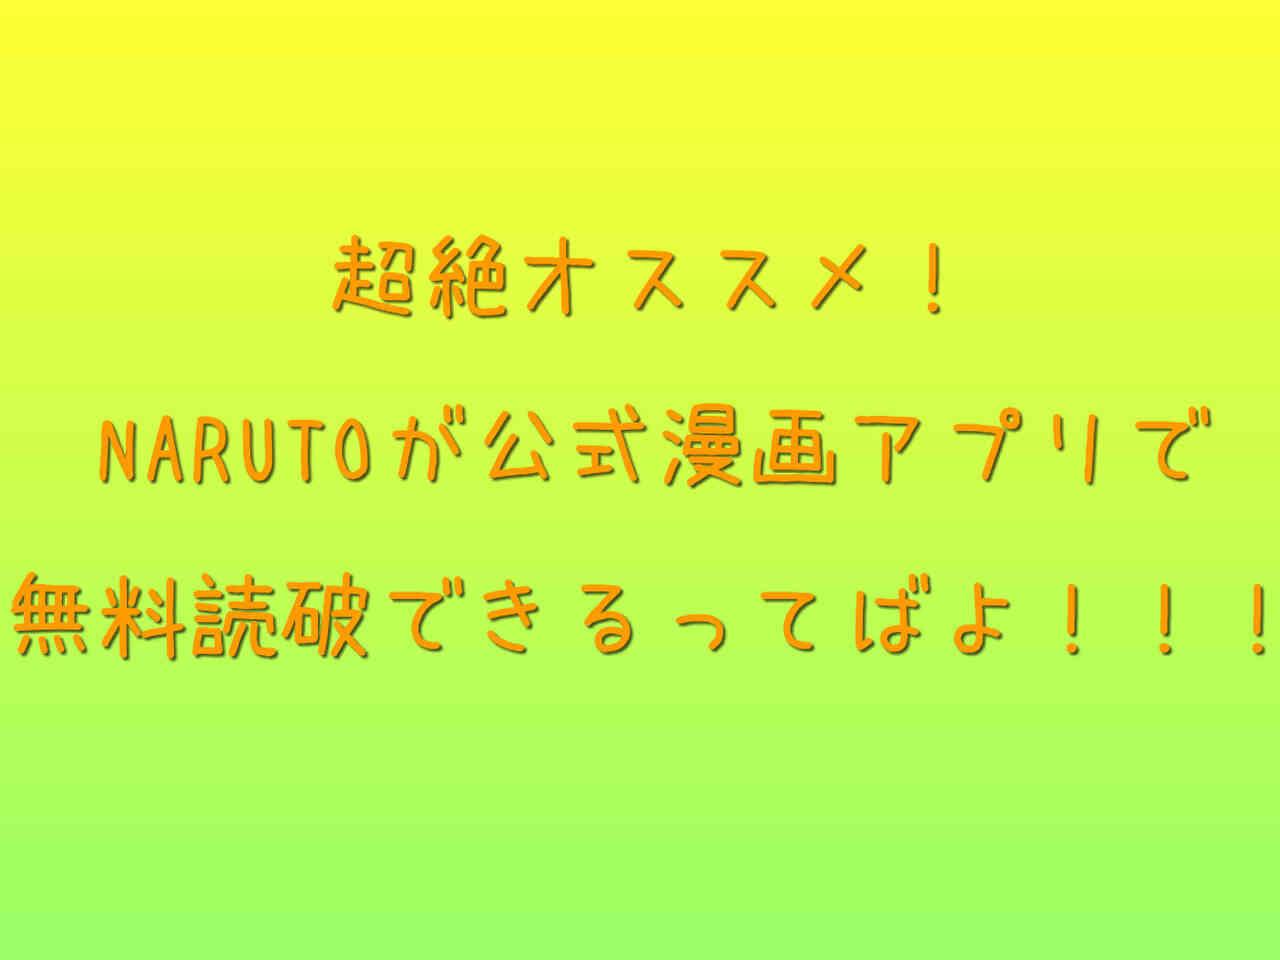 NARUTOが公式漫画アプリで無料読破できるってばよ!